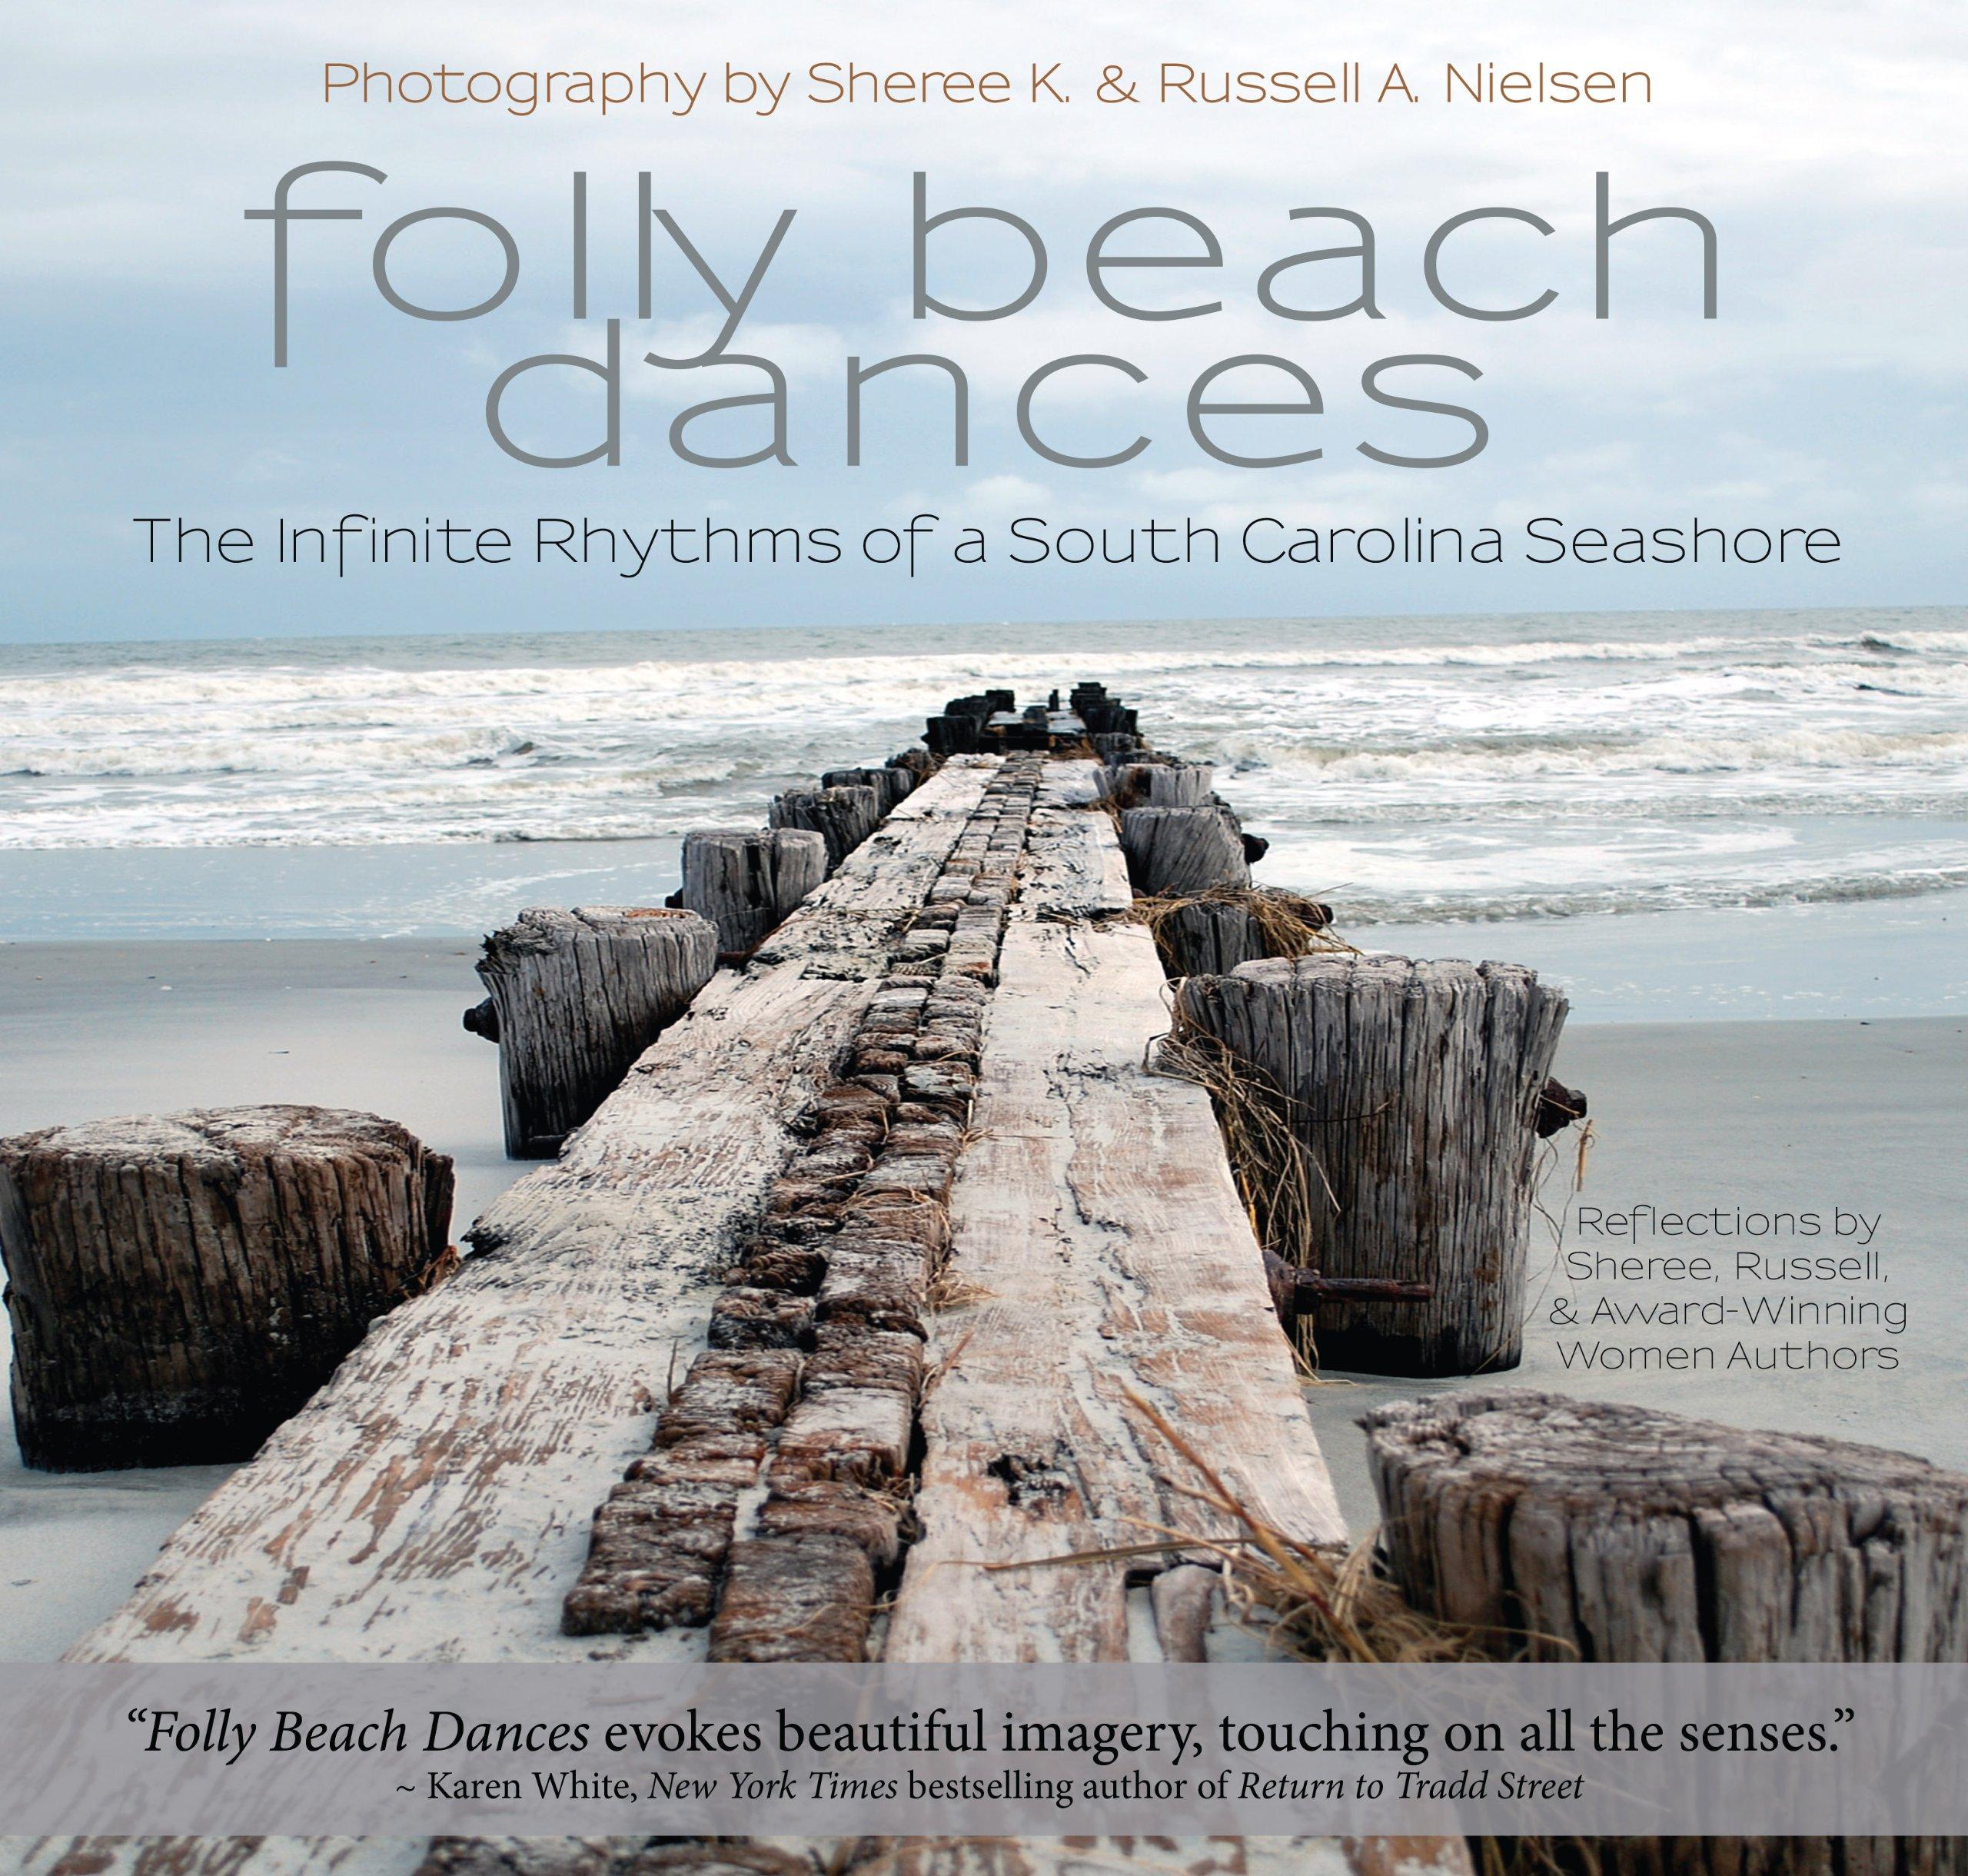 Folly Beach Dances Sheree K Nielsen Russell A Nielsen